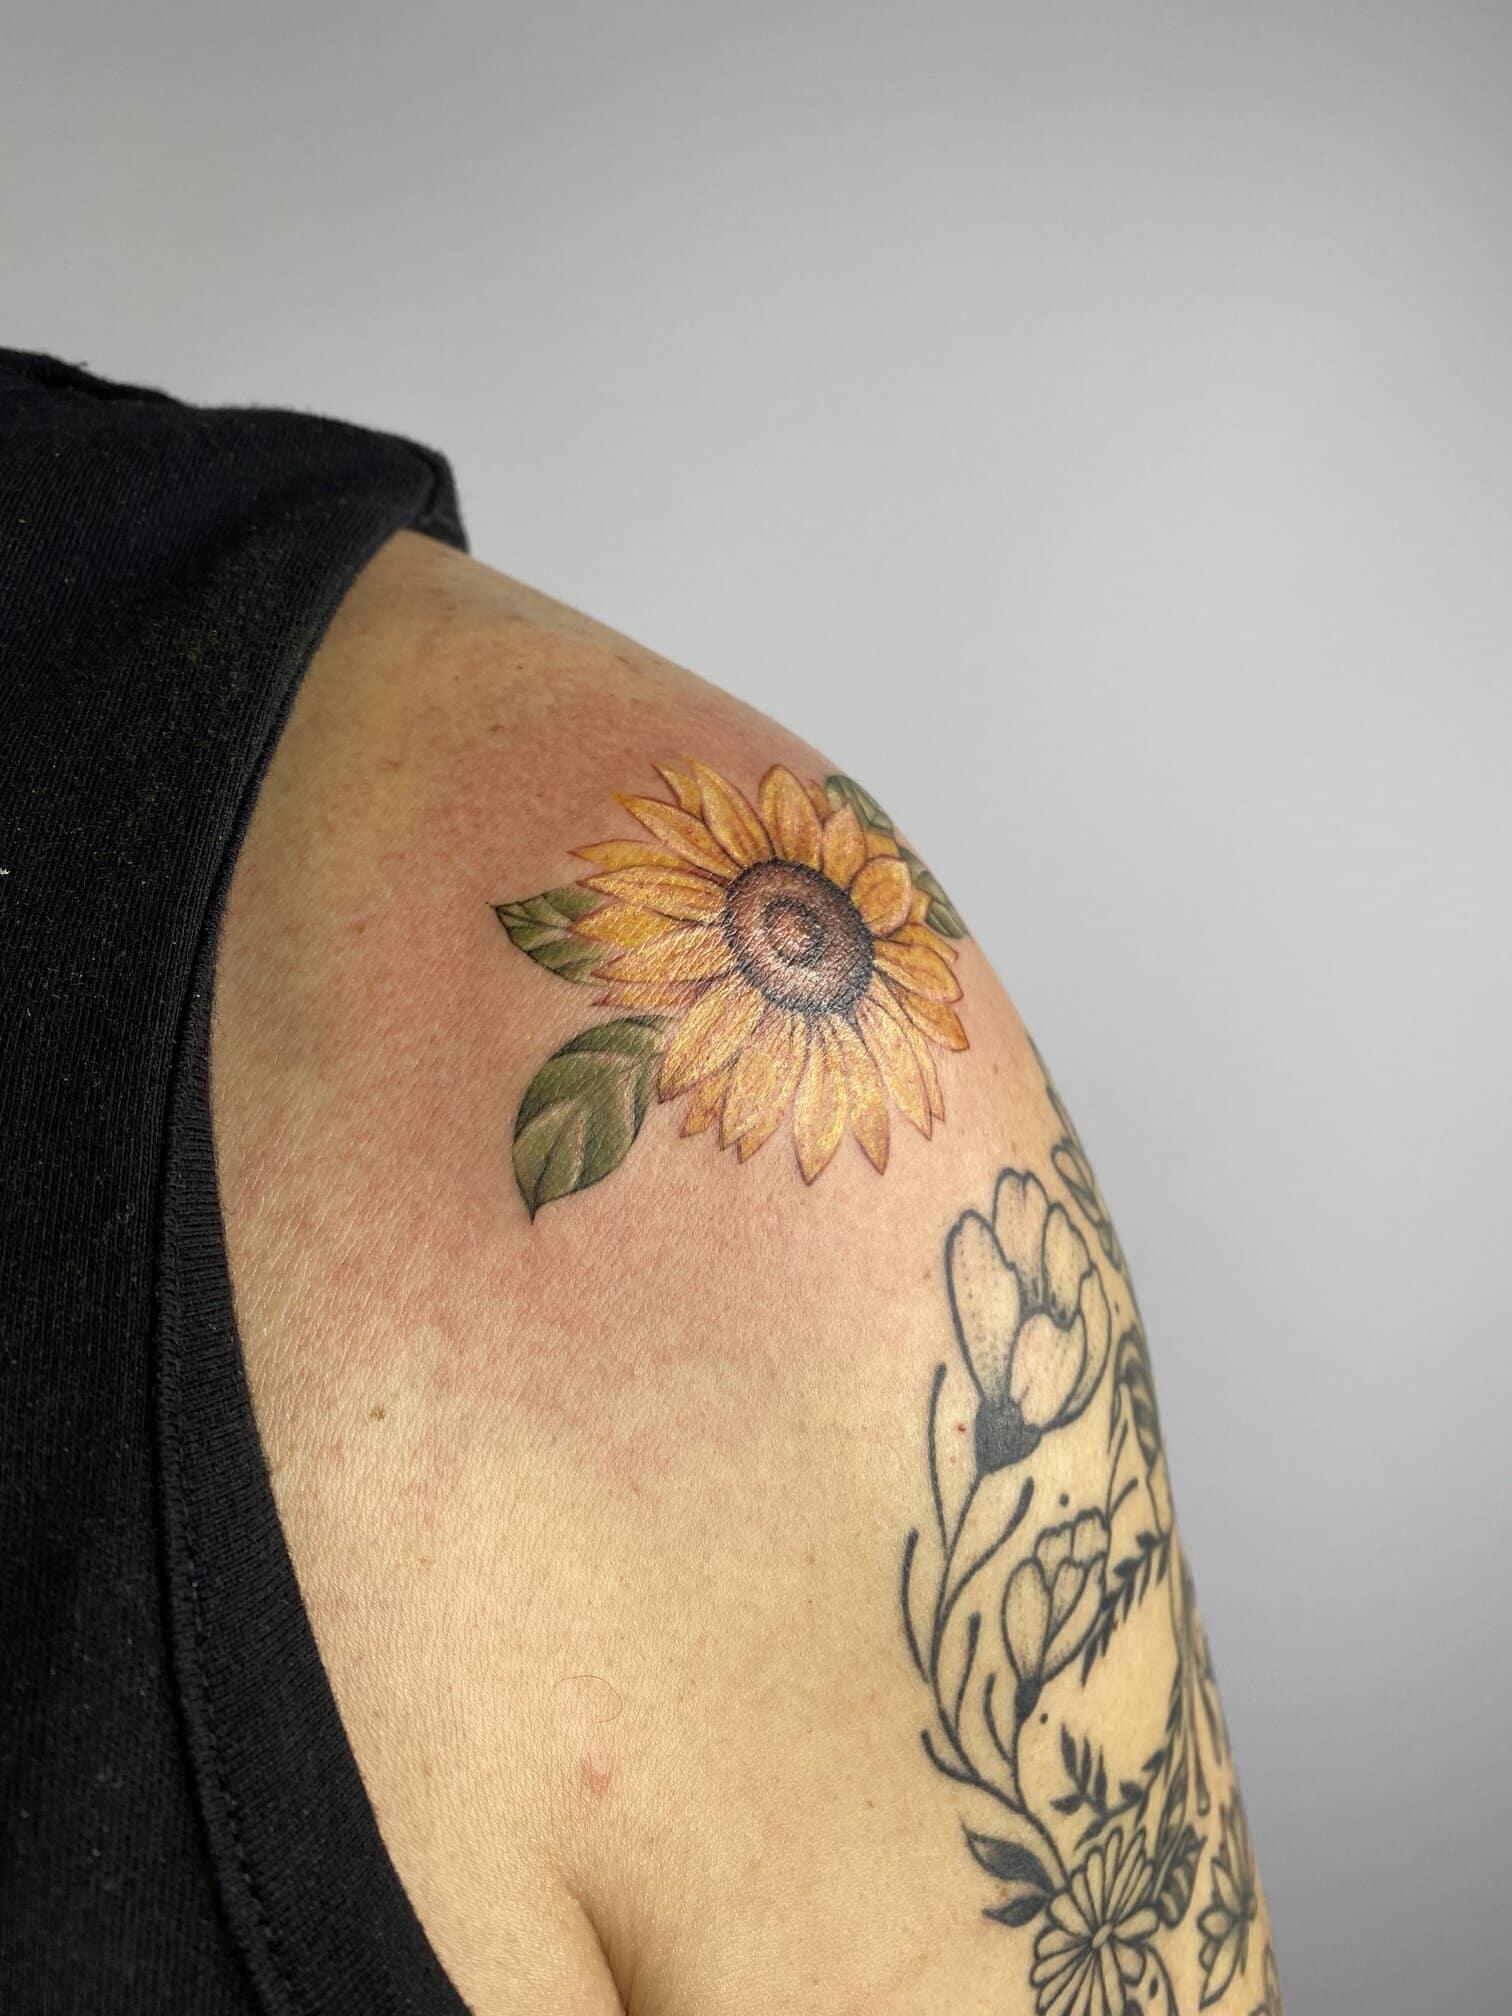 laura-aguilar-tattoo-artist-sunflower